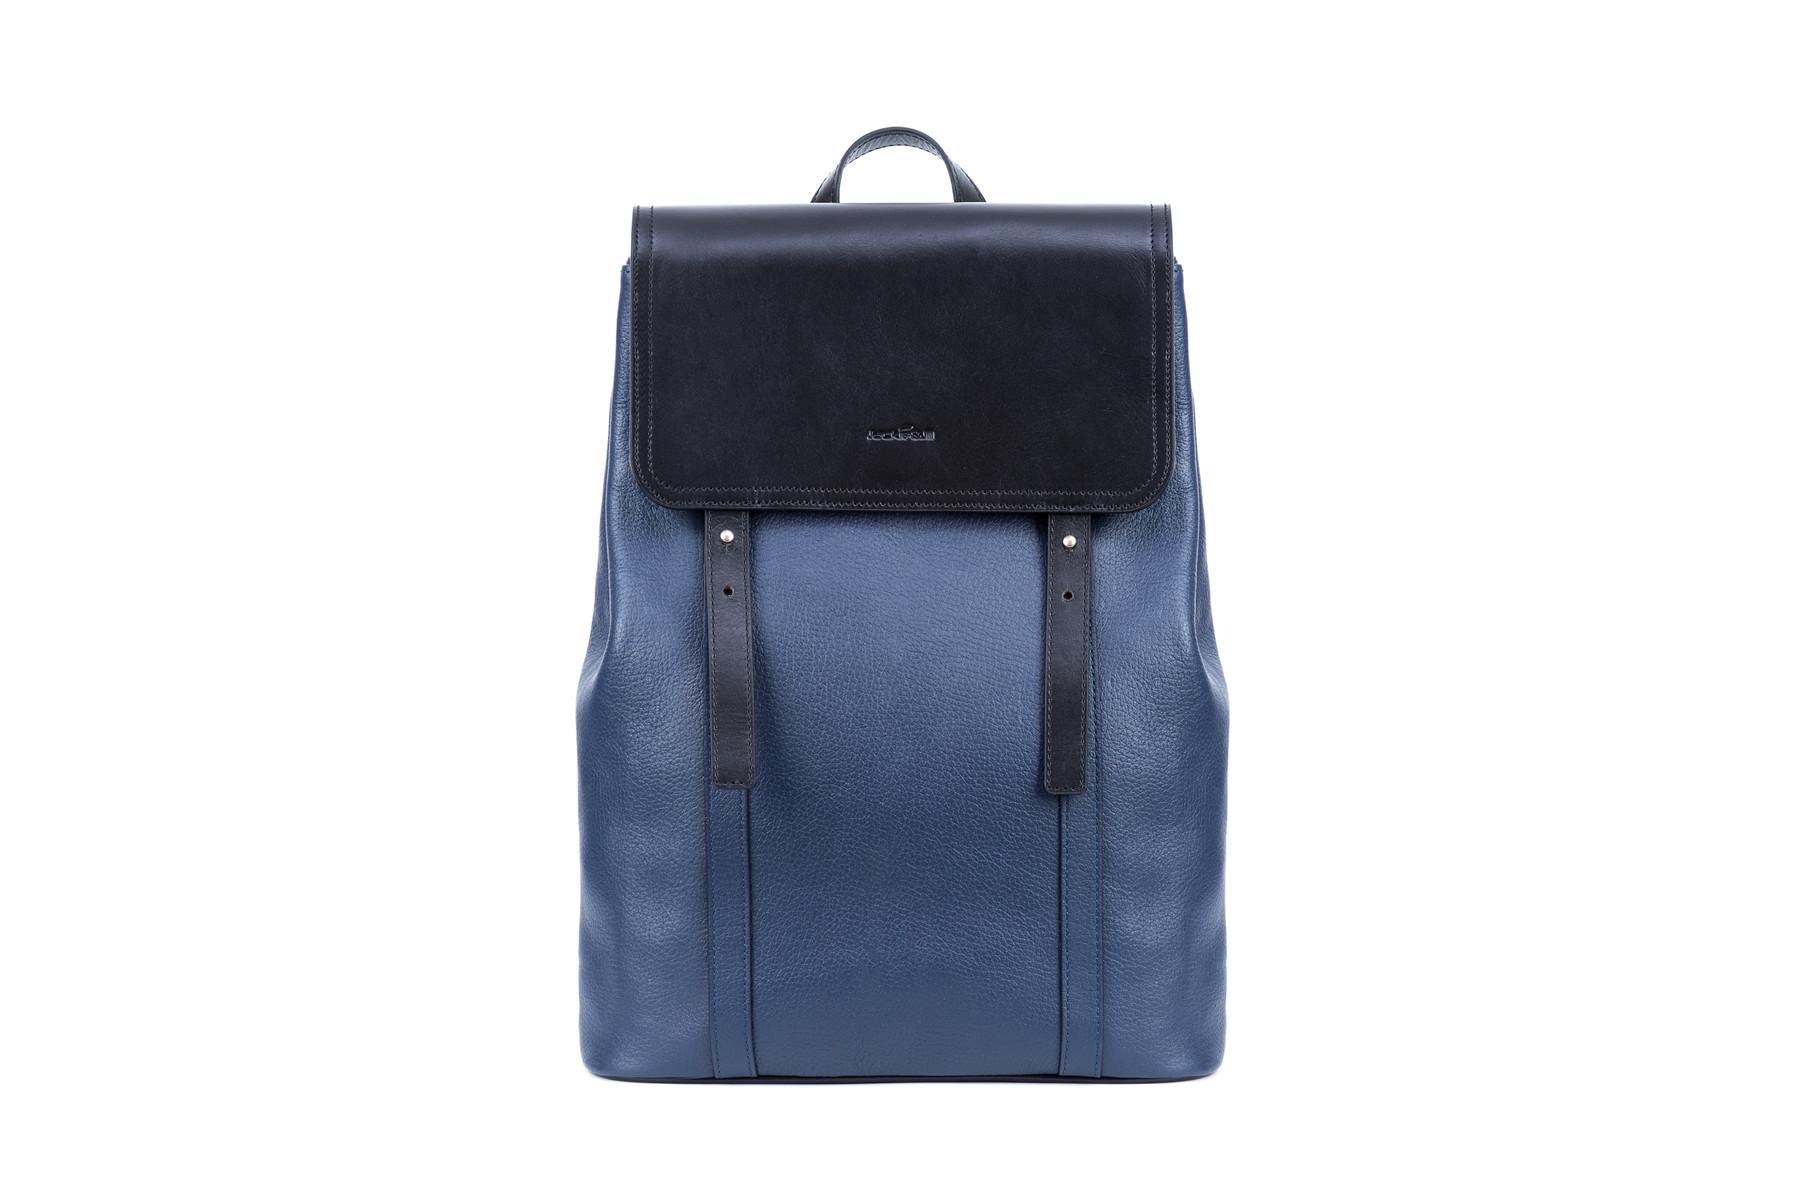 GF bags-Oem Odm Backpack Bags, Big Backpack Bags | Gf Bags